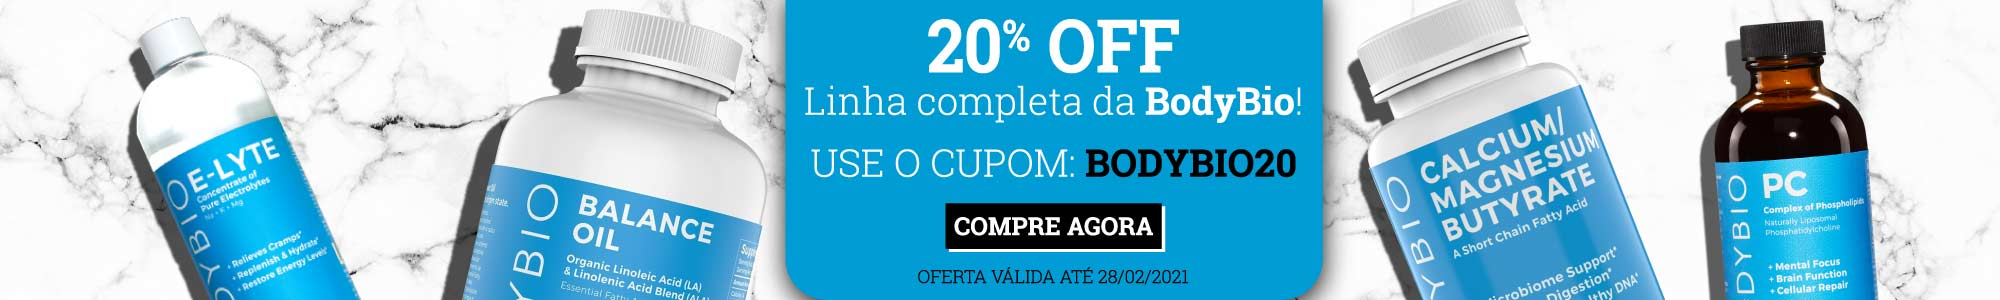 20% off linha completa da BodyBio. Use o cupom: bodybio20 Compre agora. Oferta Válida até 28/02/2021.